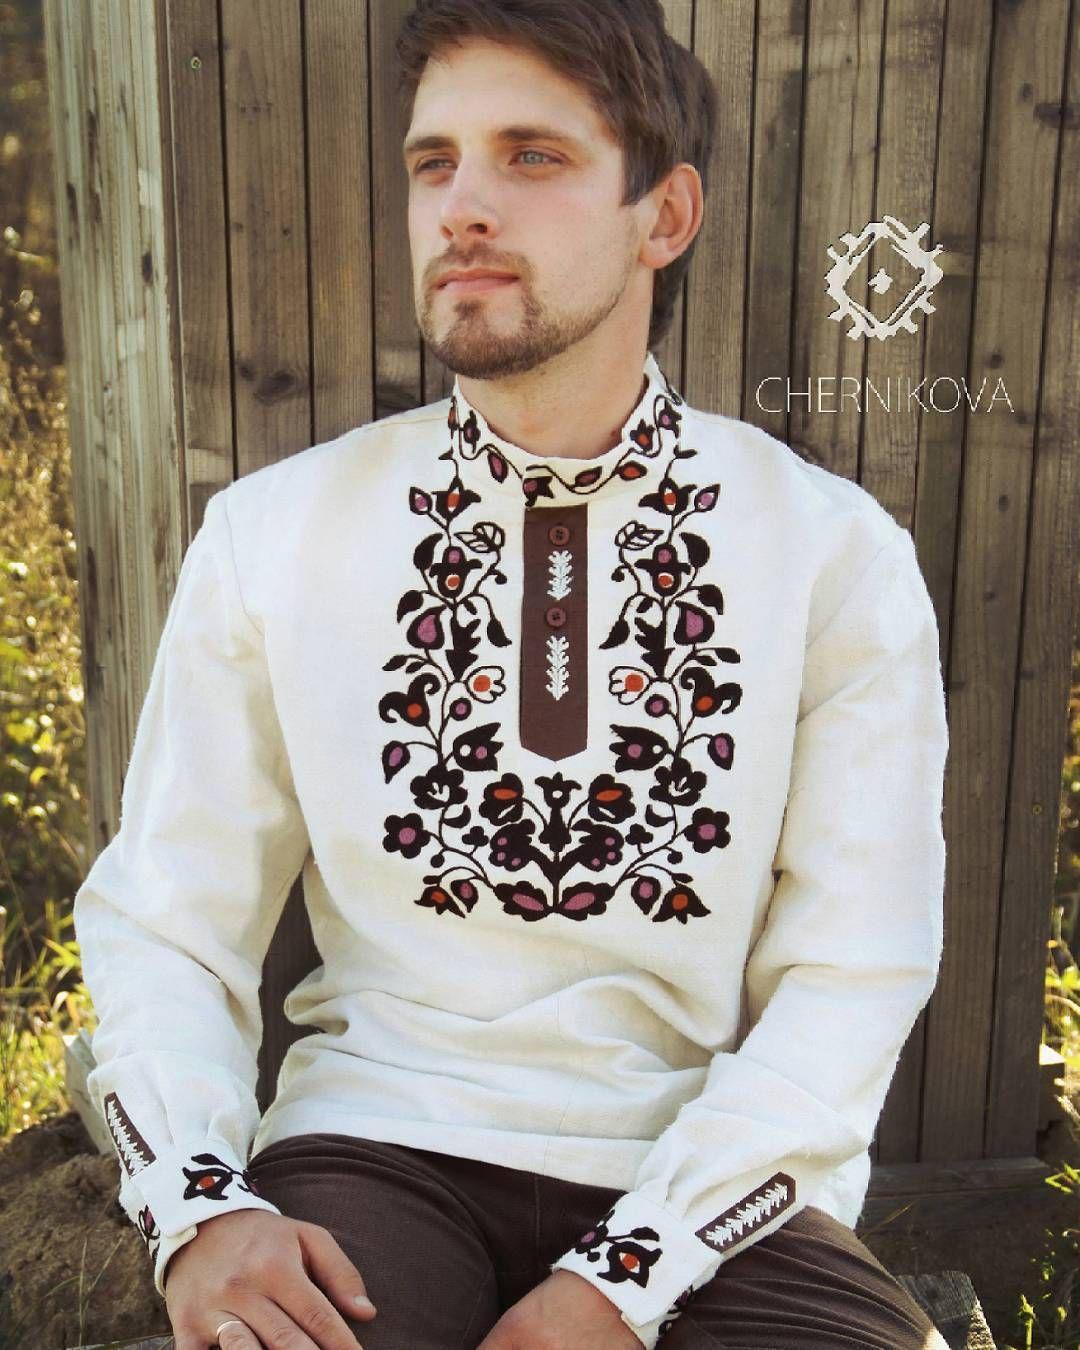 Колекція чоловічих сорочок  chernikova  chernikova brand  embroidery   menstyle  folkwear  вишиванка  етно 0ef2921776780